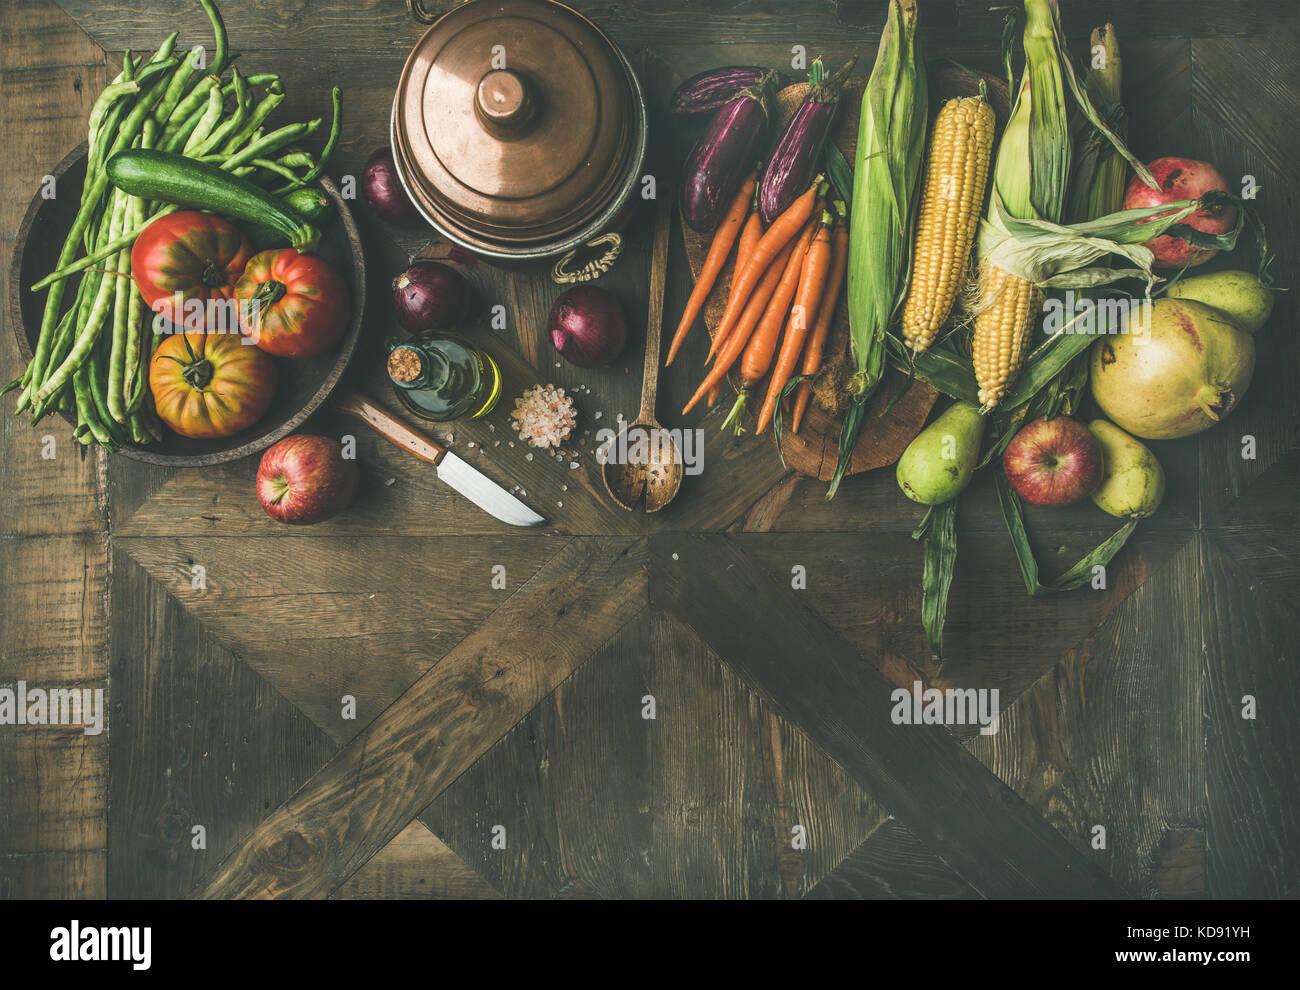 Herbst Zutaten für thanksgiving Tag Abendessen Vorbereitung, Kopie Raum Stockbild